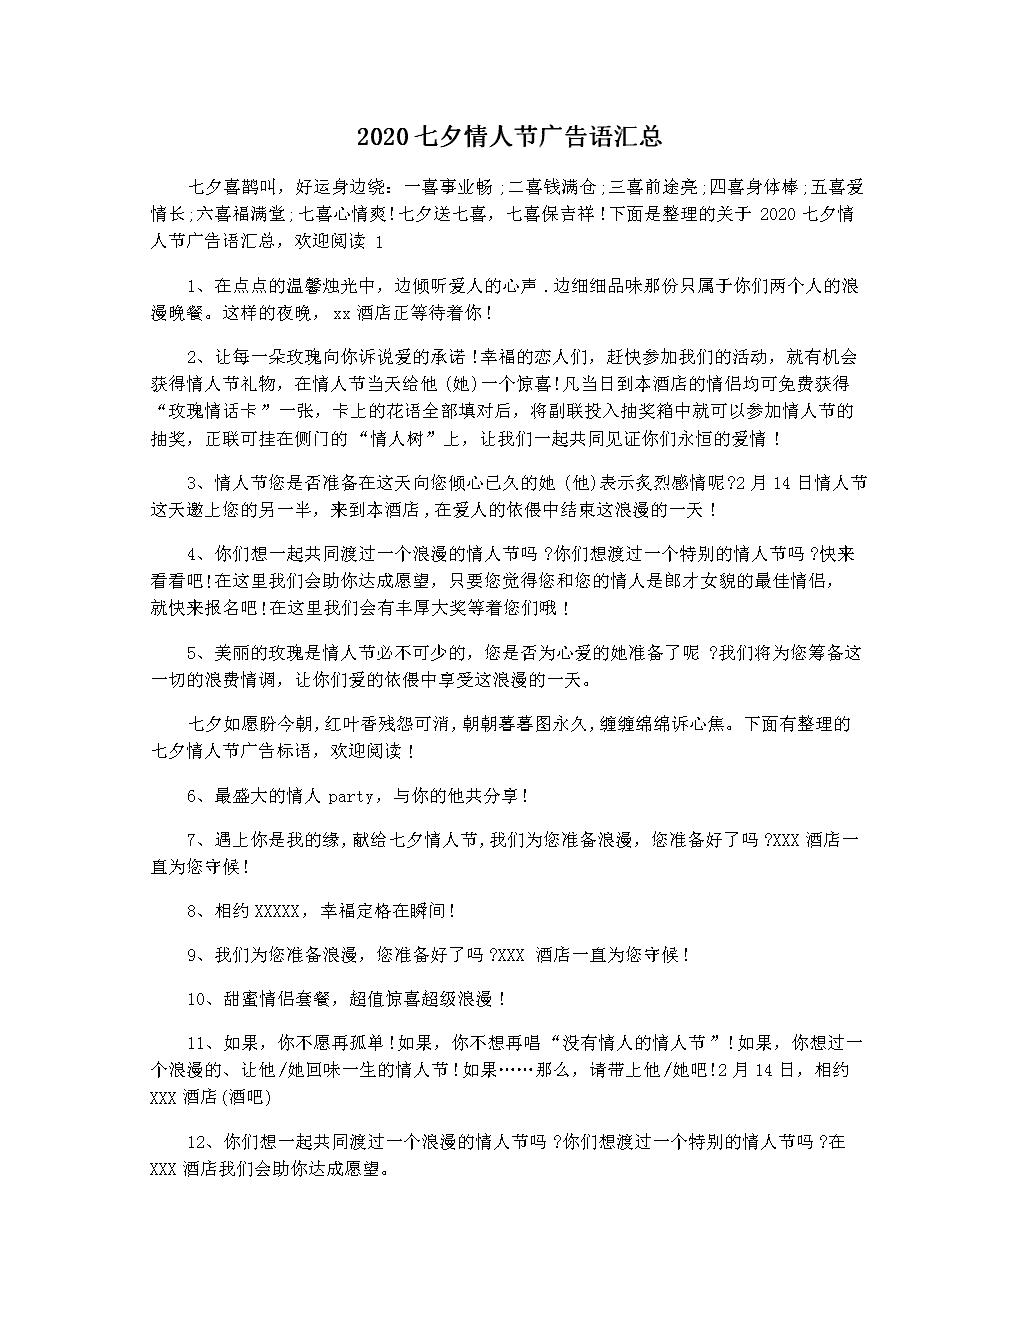 2020七夕情人节广告语汇总.docx